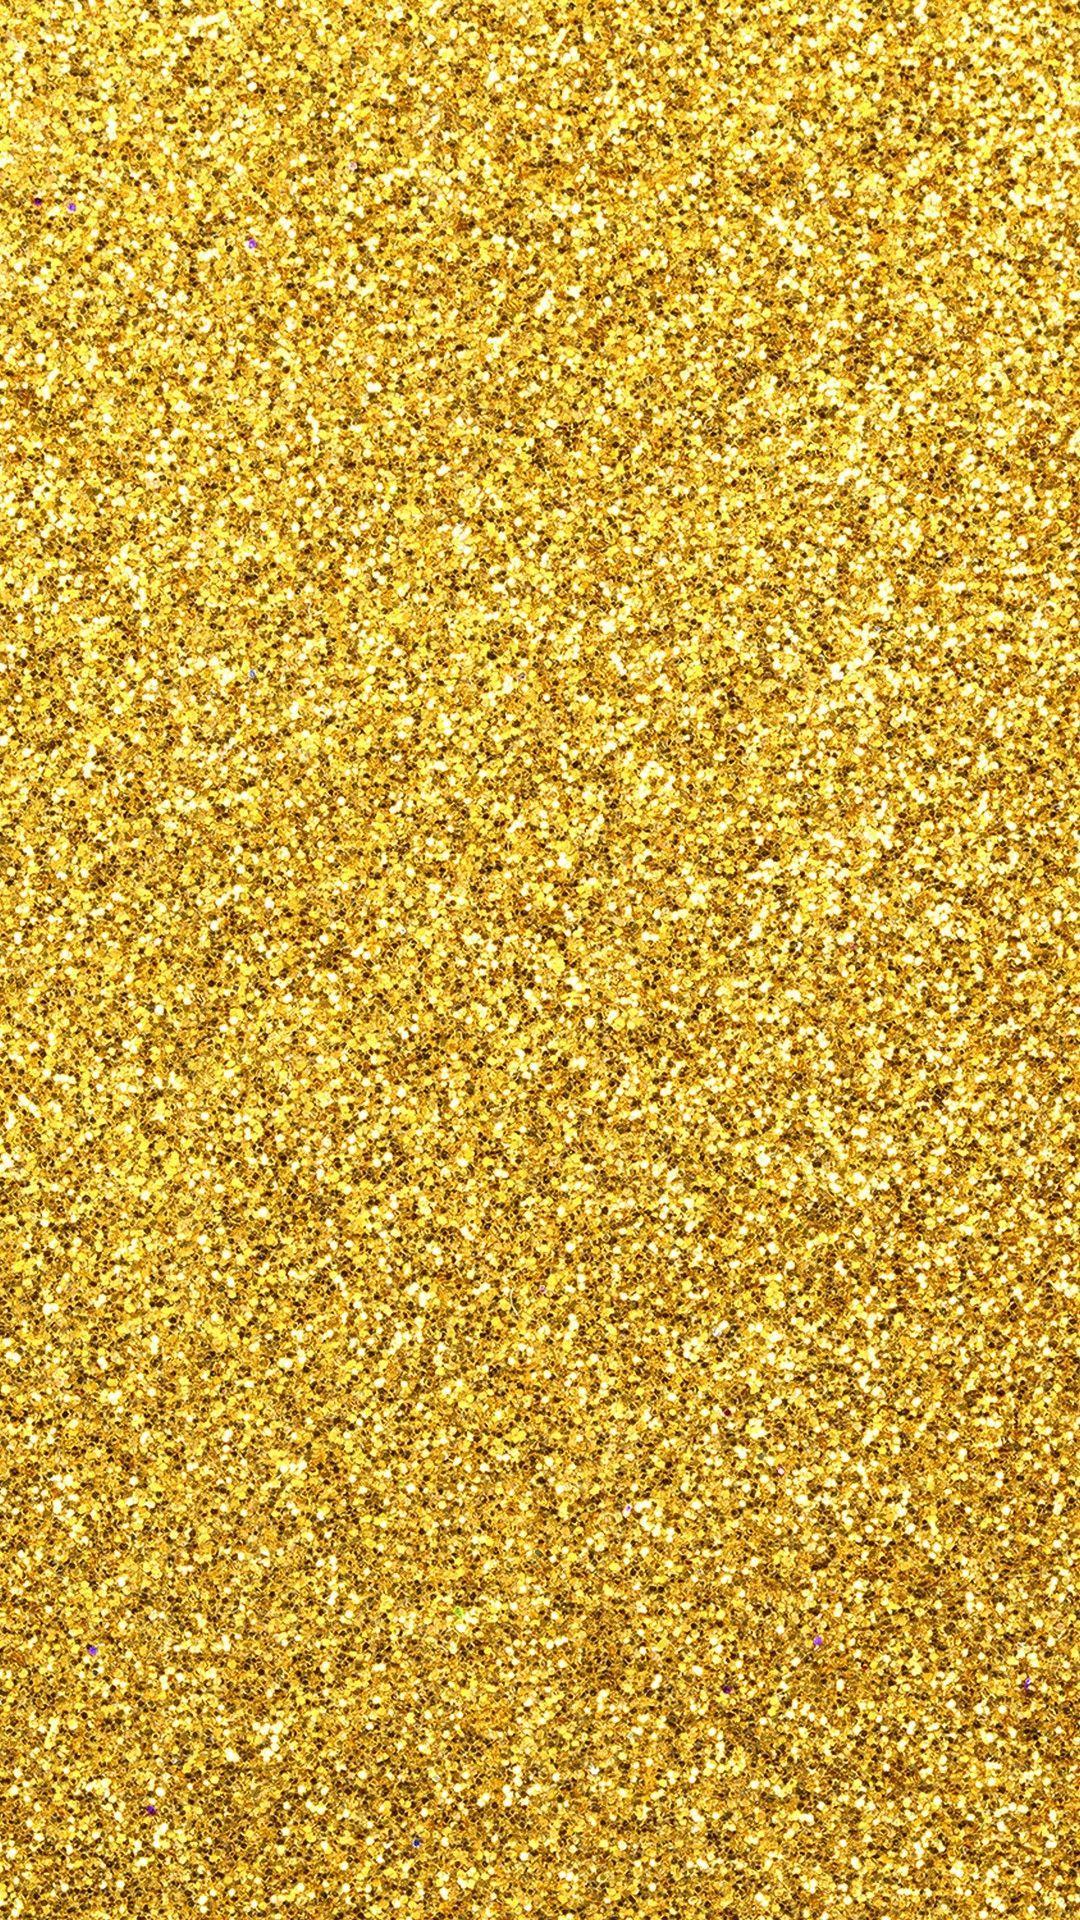 Gold Glitter Wallpaper iPhone Gold glitter wallpaper